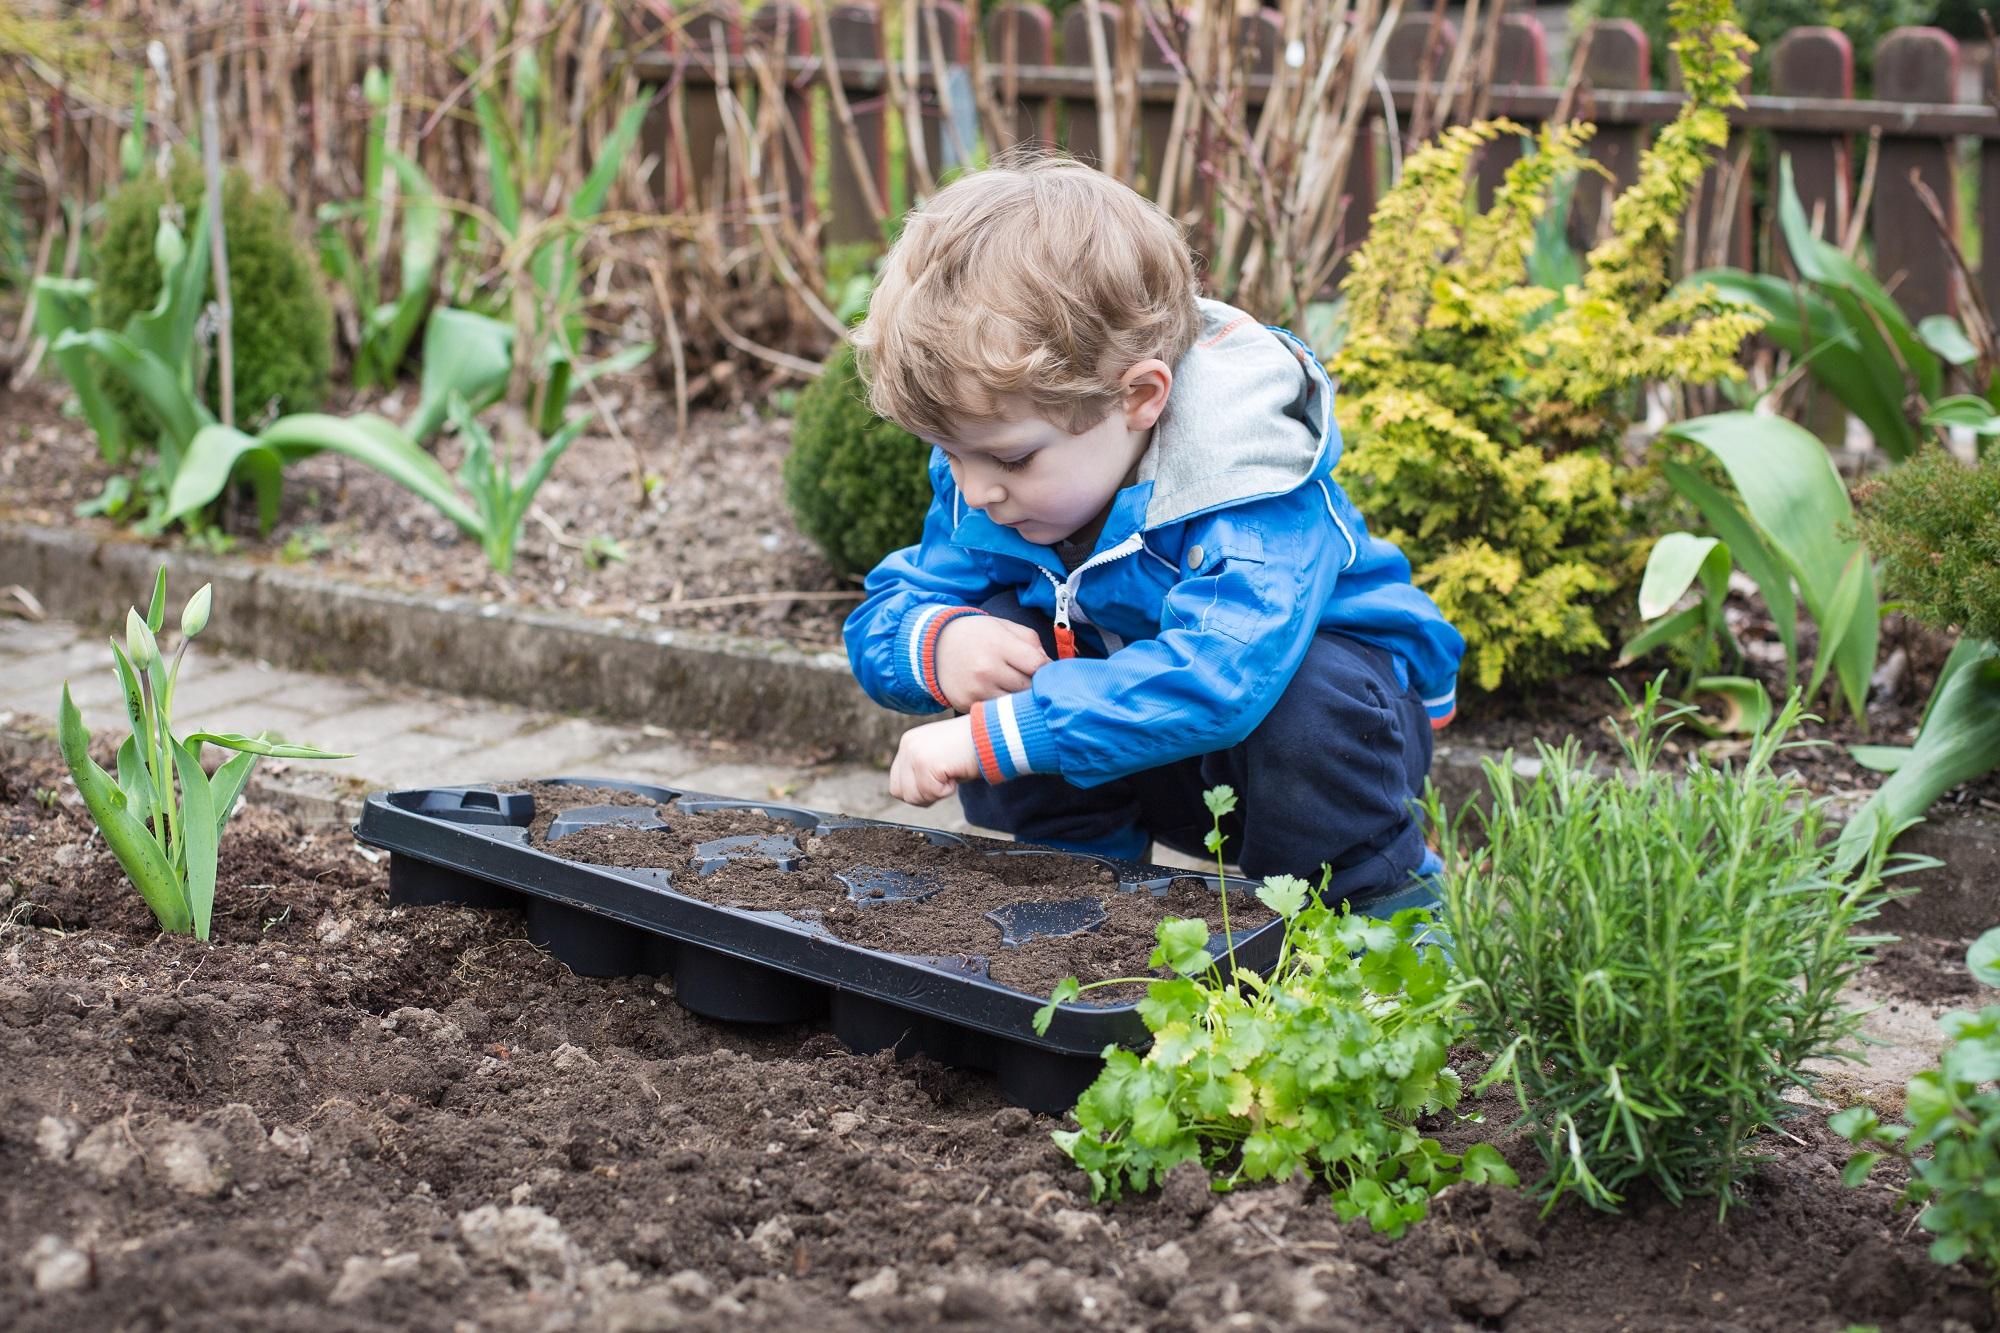 Календарь садовода и огородника апрель 2018. Источник фото: Shutterstock